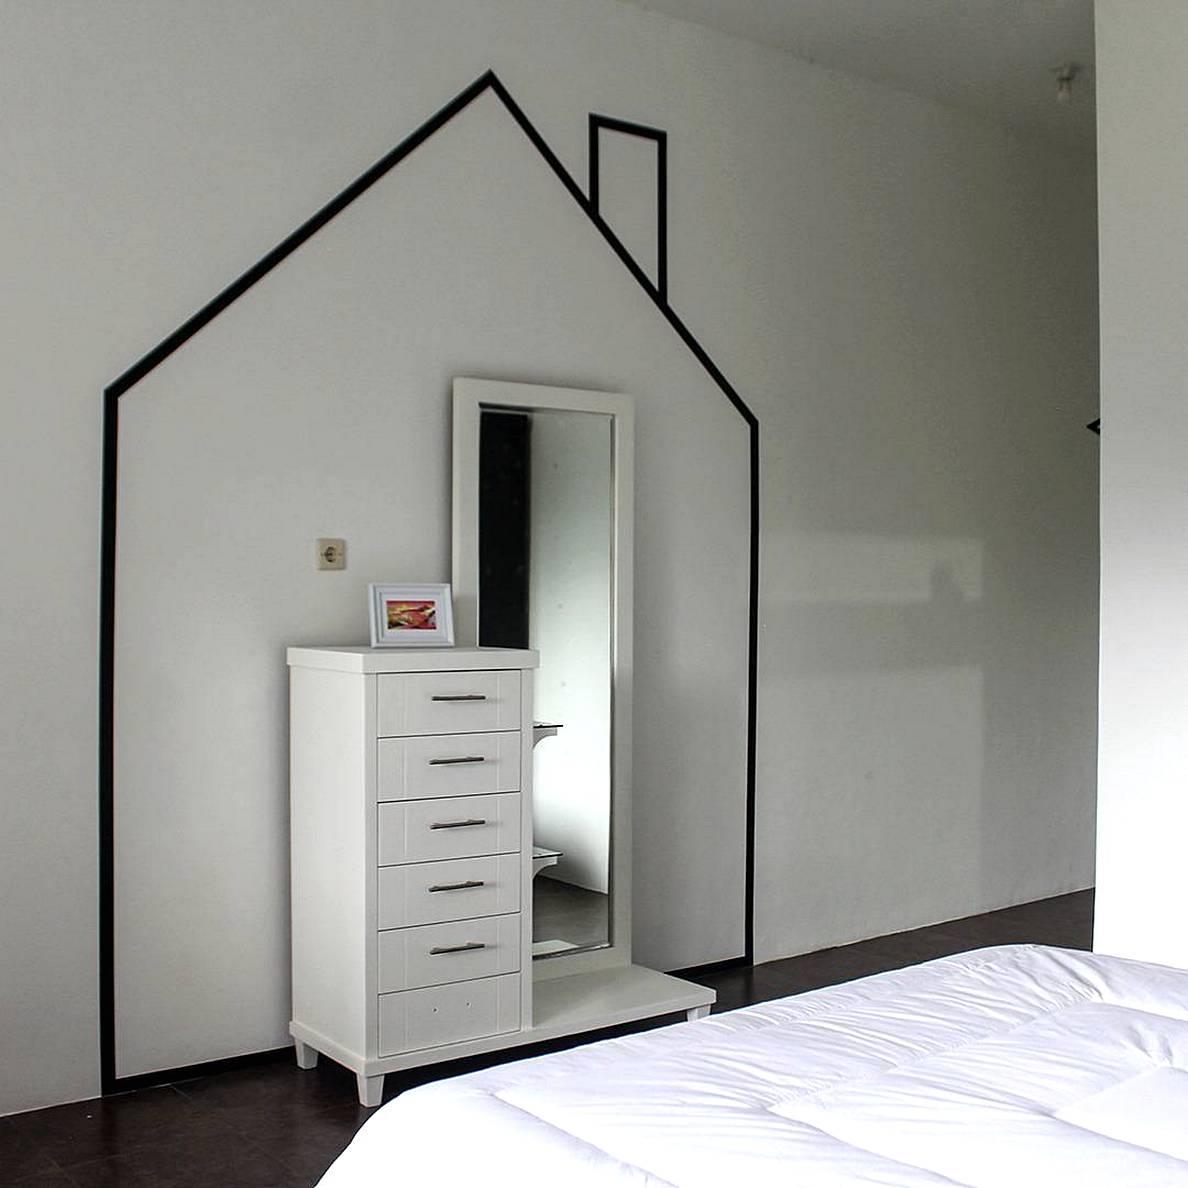 105 Wallpaper Dinding Kamar Tidur Buatan Sendiri Wallpaper